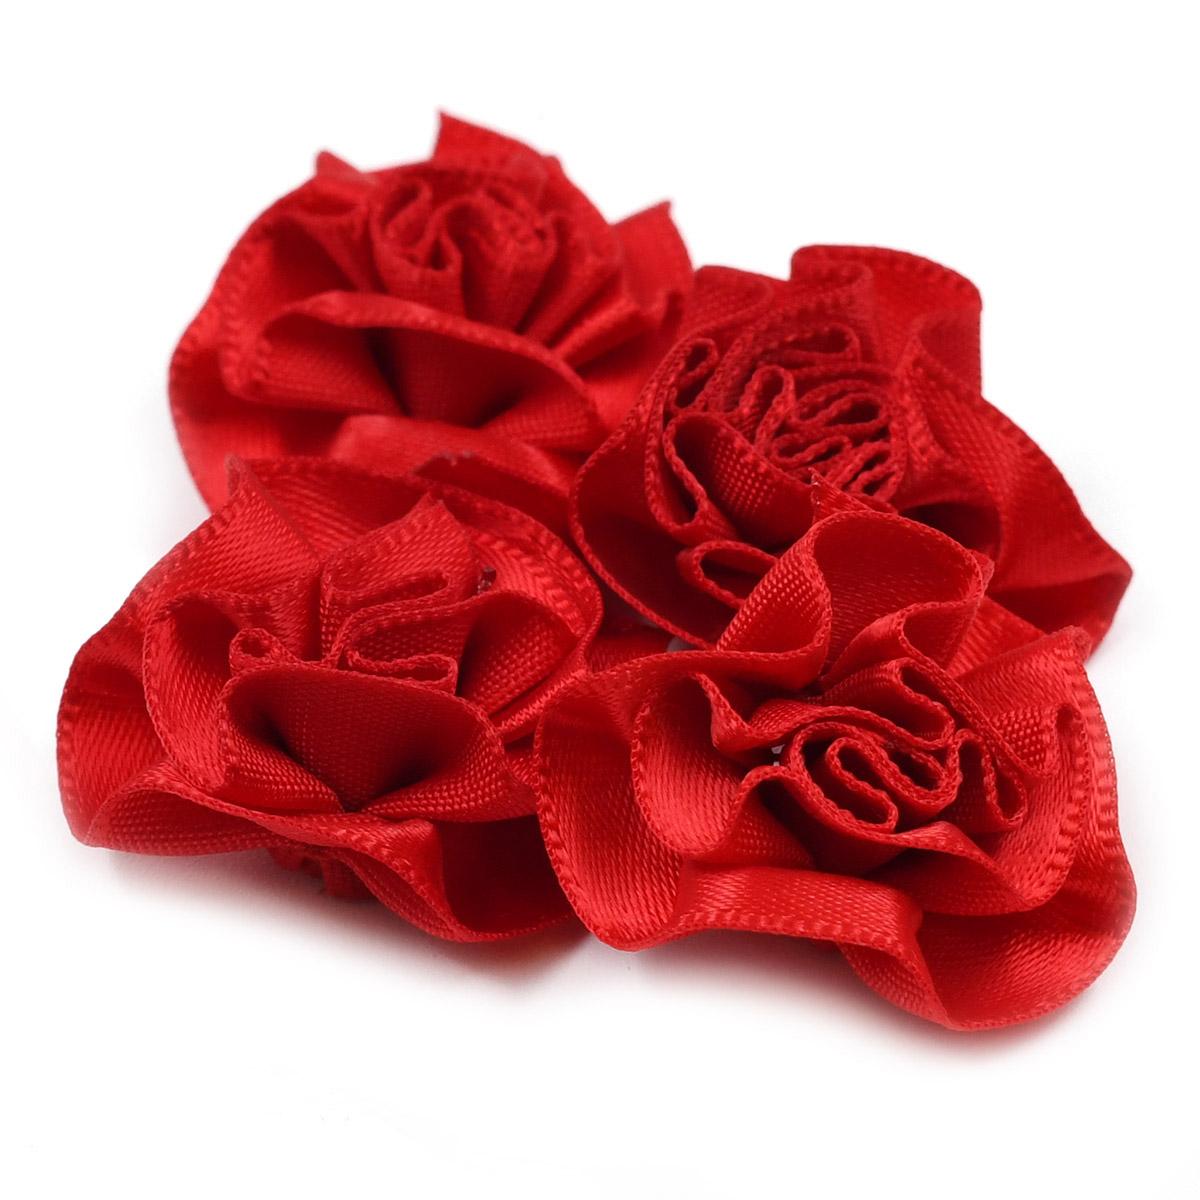 JY100028 Цветы текстильные декоративные, 2,5см. 4шт.